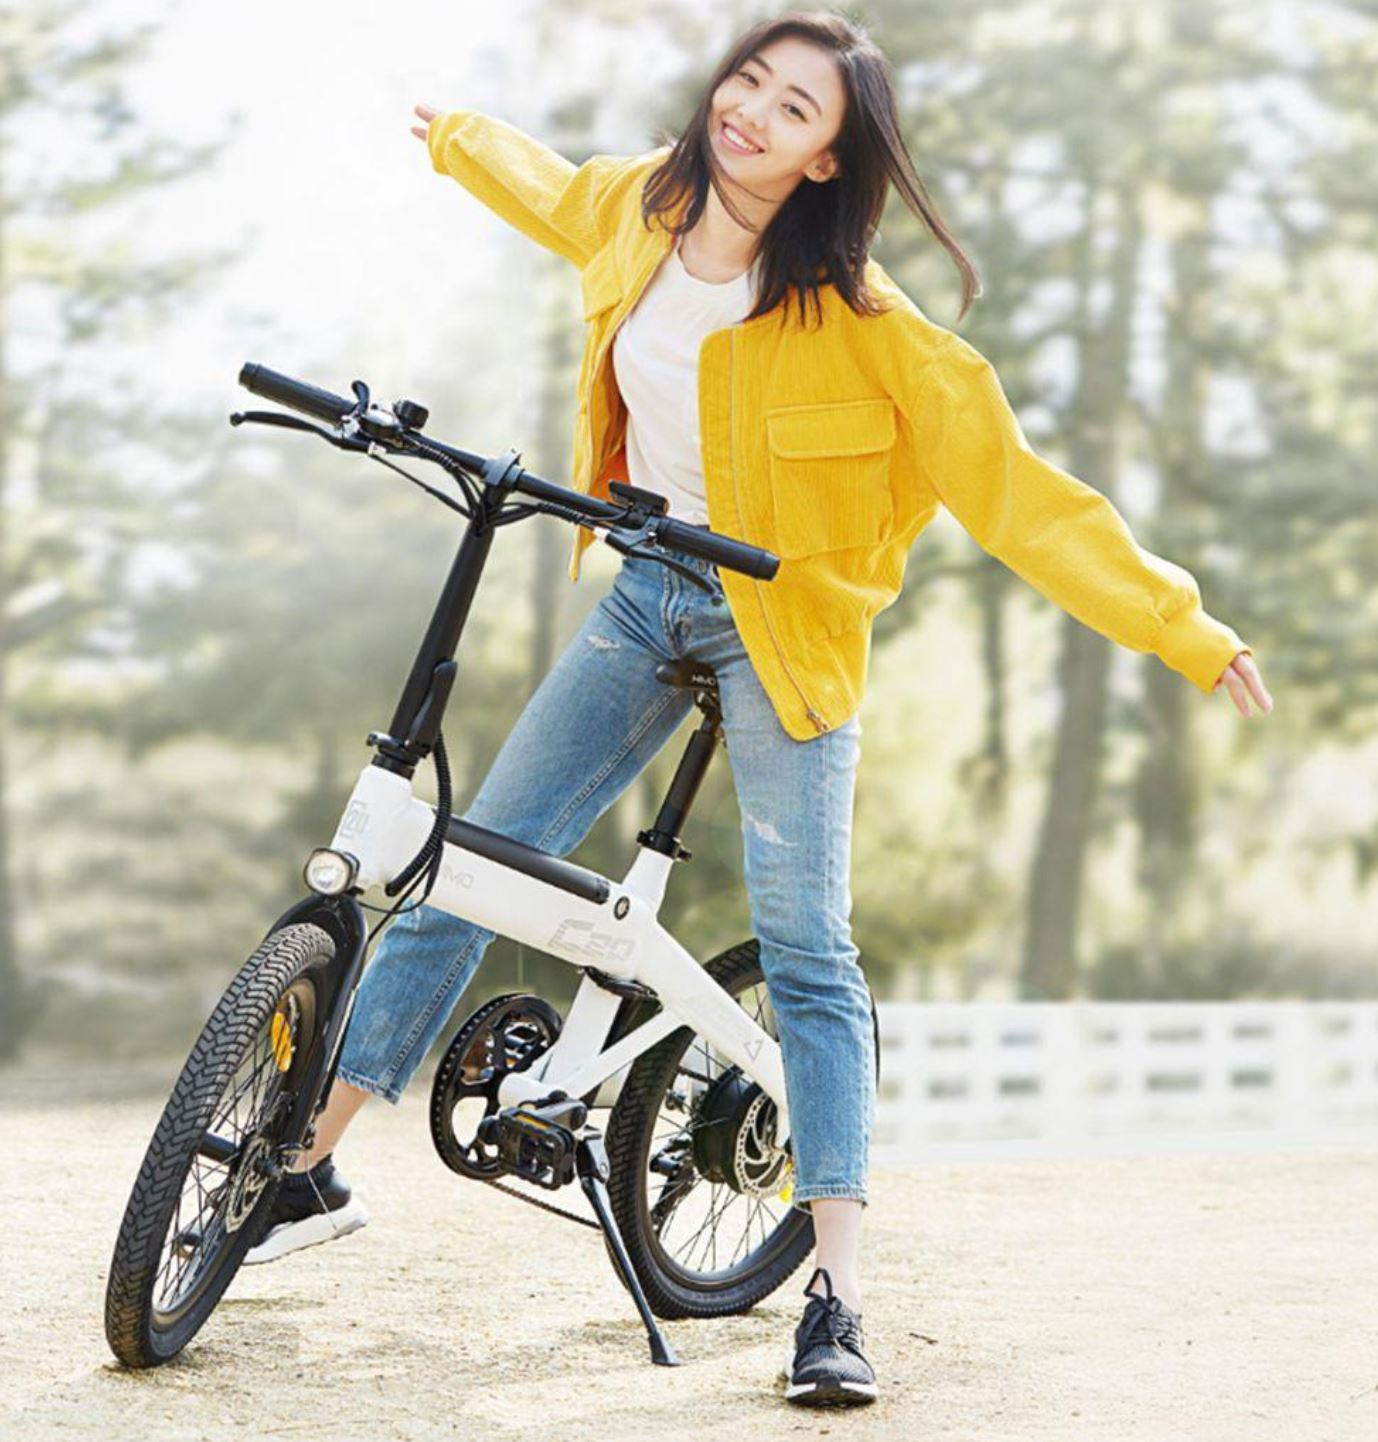 Pojazdy elektryczne z Aliexpress - rower elektryczny HIMO C20